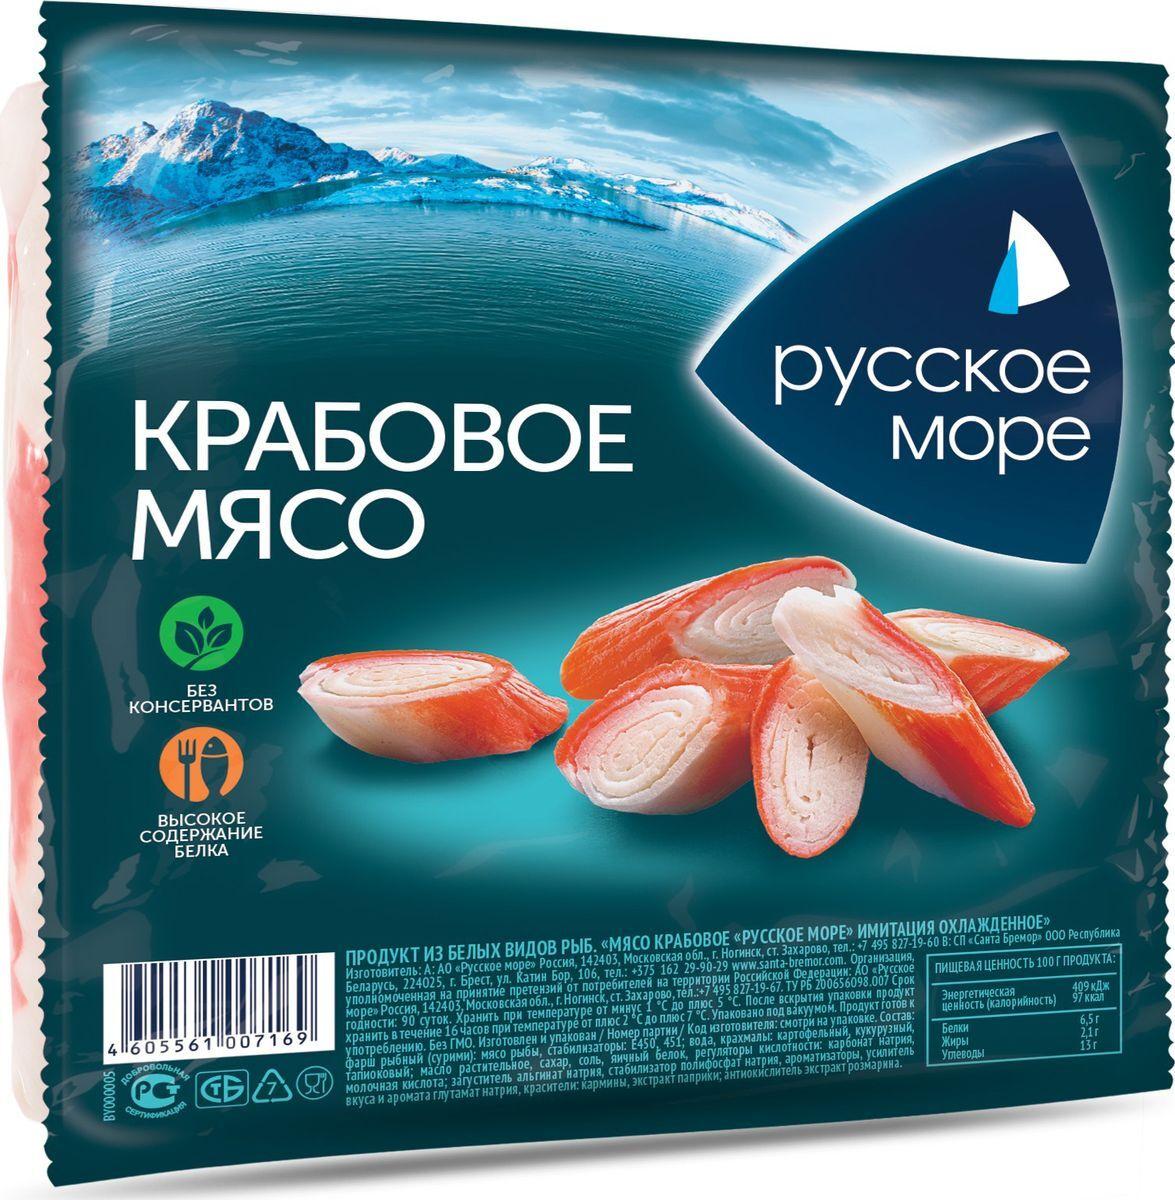 Русское Море Крабовое мясо, охлажденное, 200 г #1